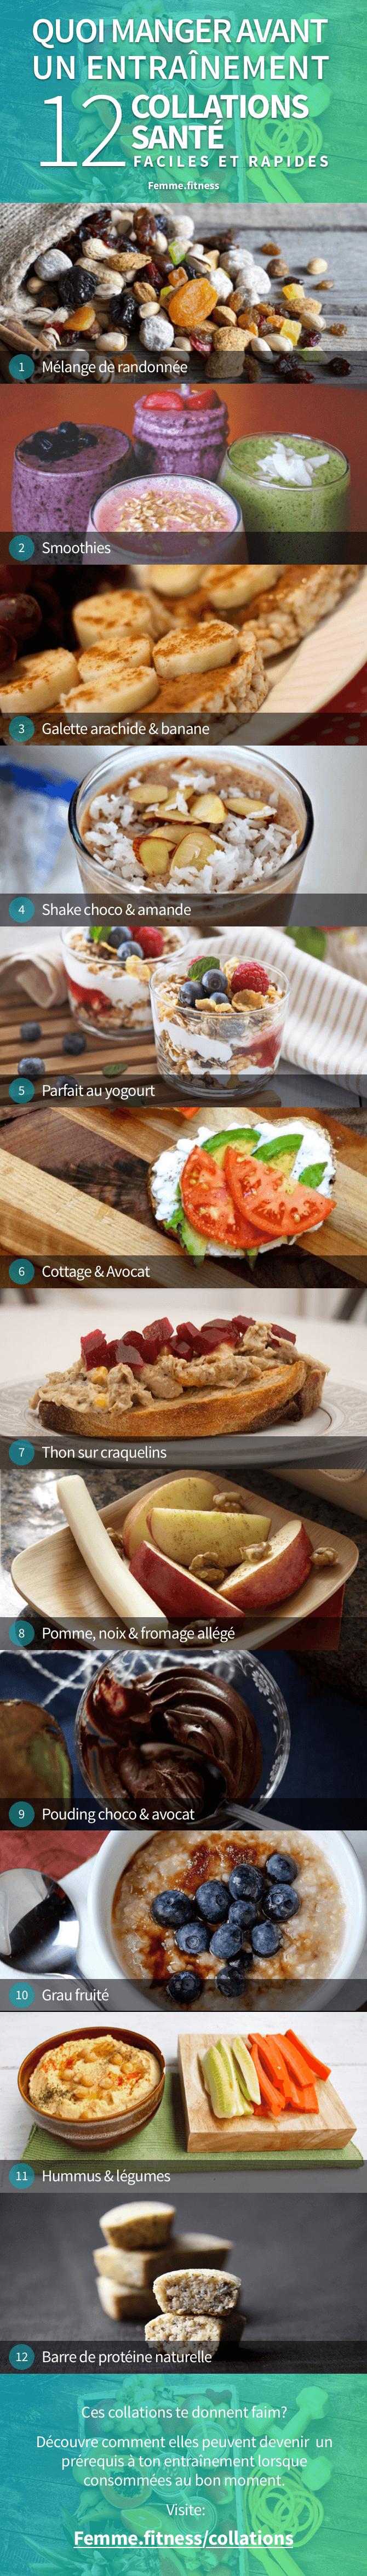 infographie 12 collations santé faciles et rapides à manger avant un entraînement